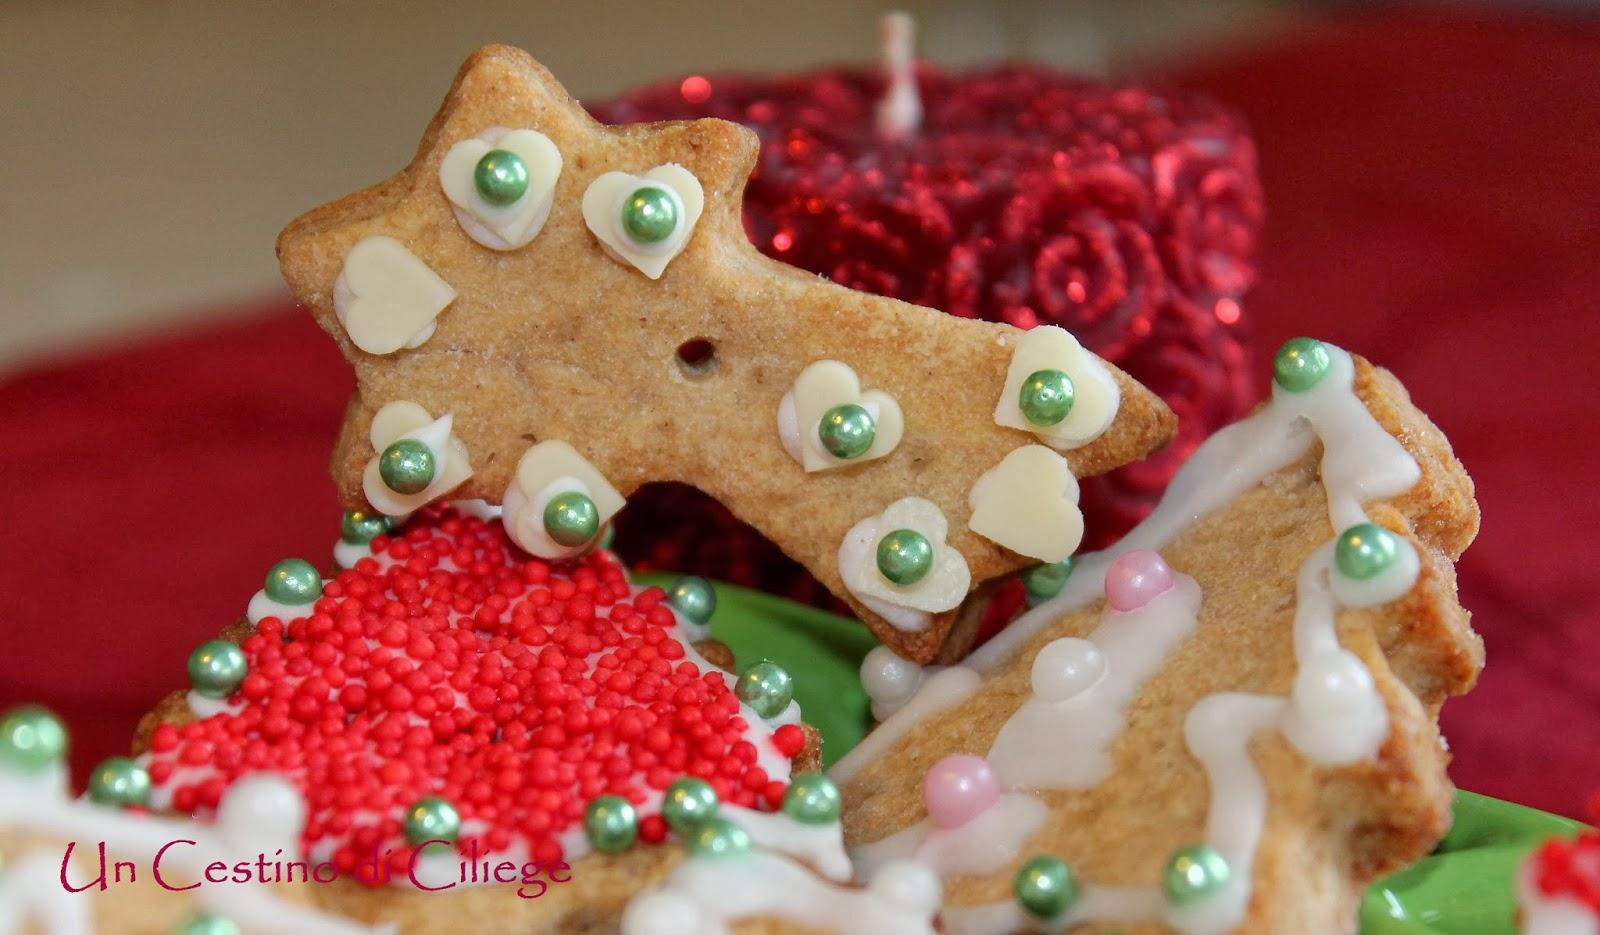 Un cestino di ciliege biscotti per decorare l 39 albero di natale - Decorare un arco per natale ...